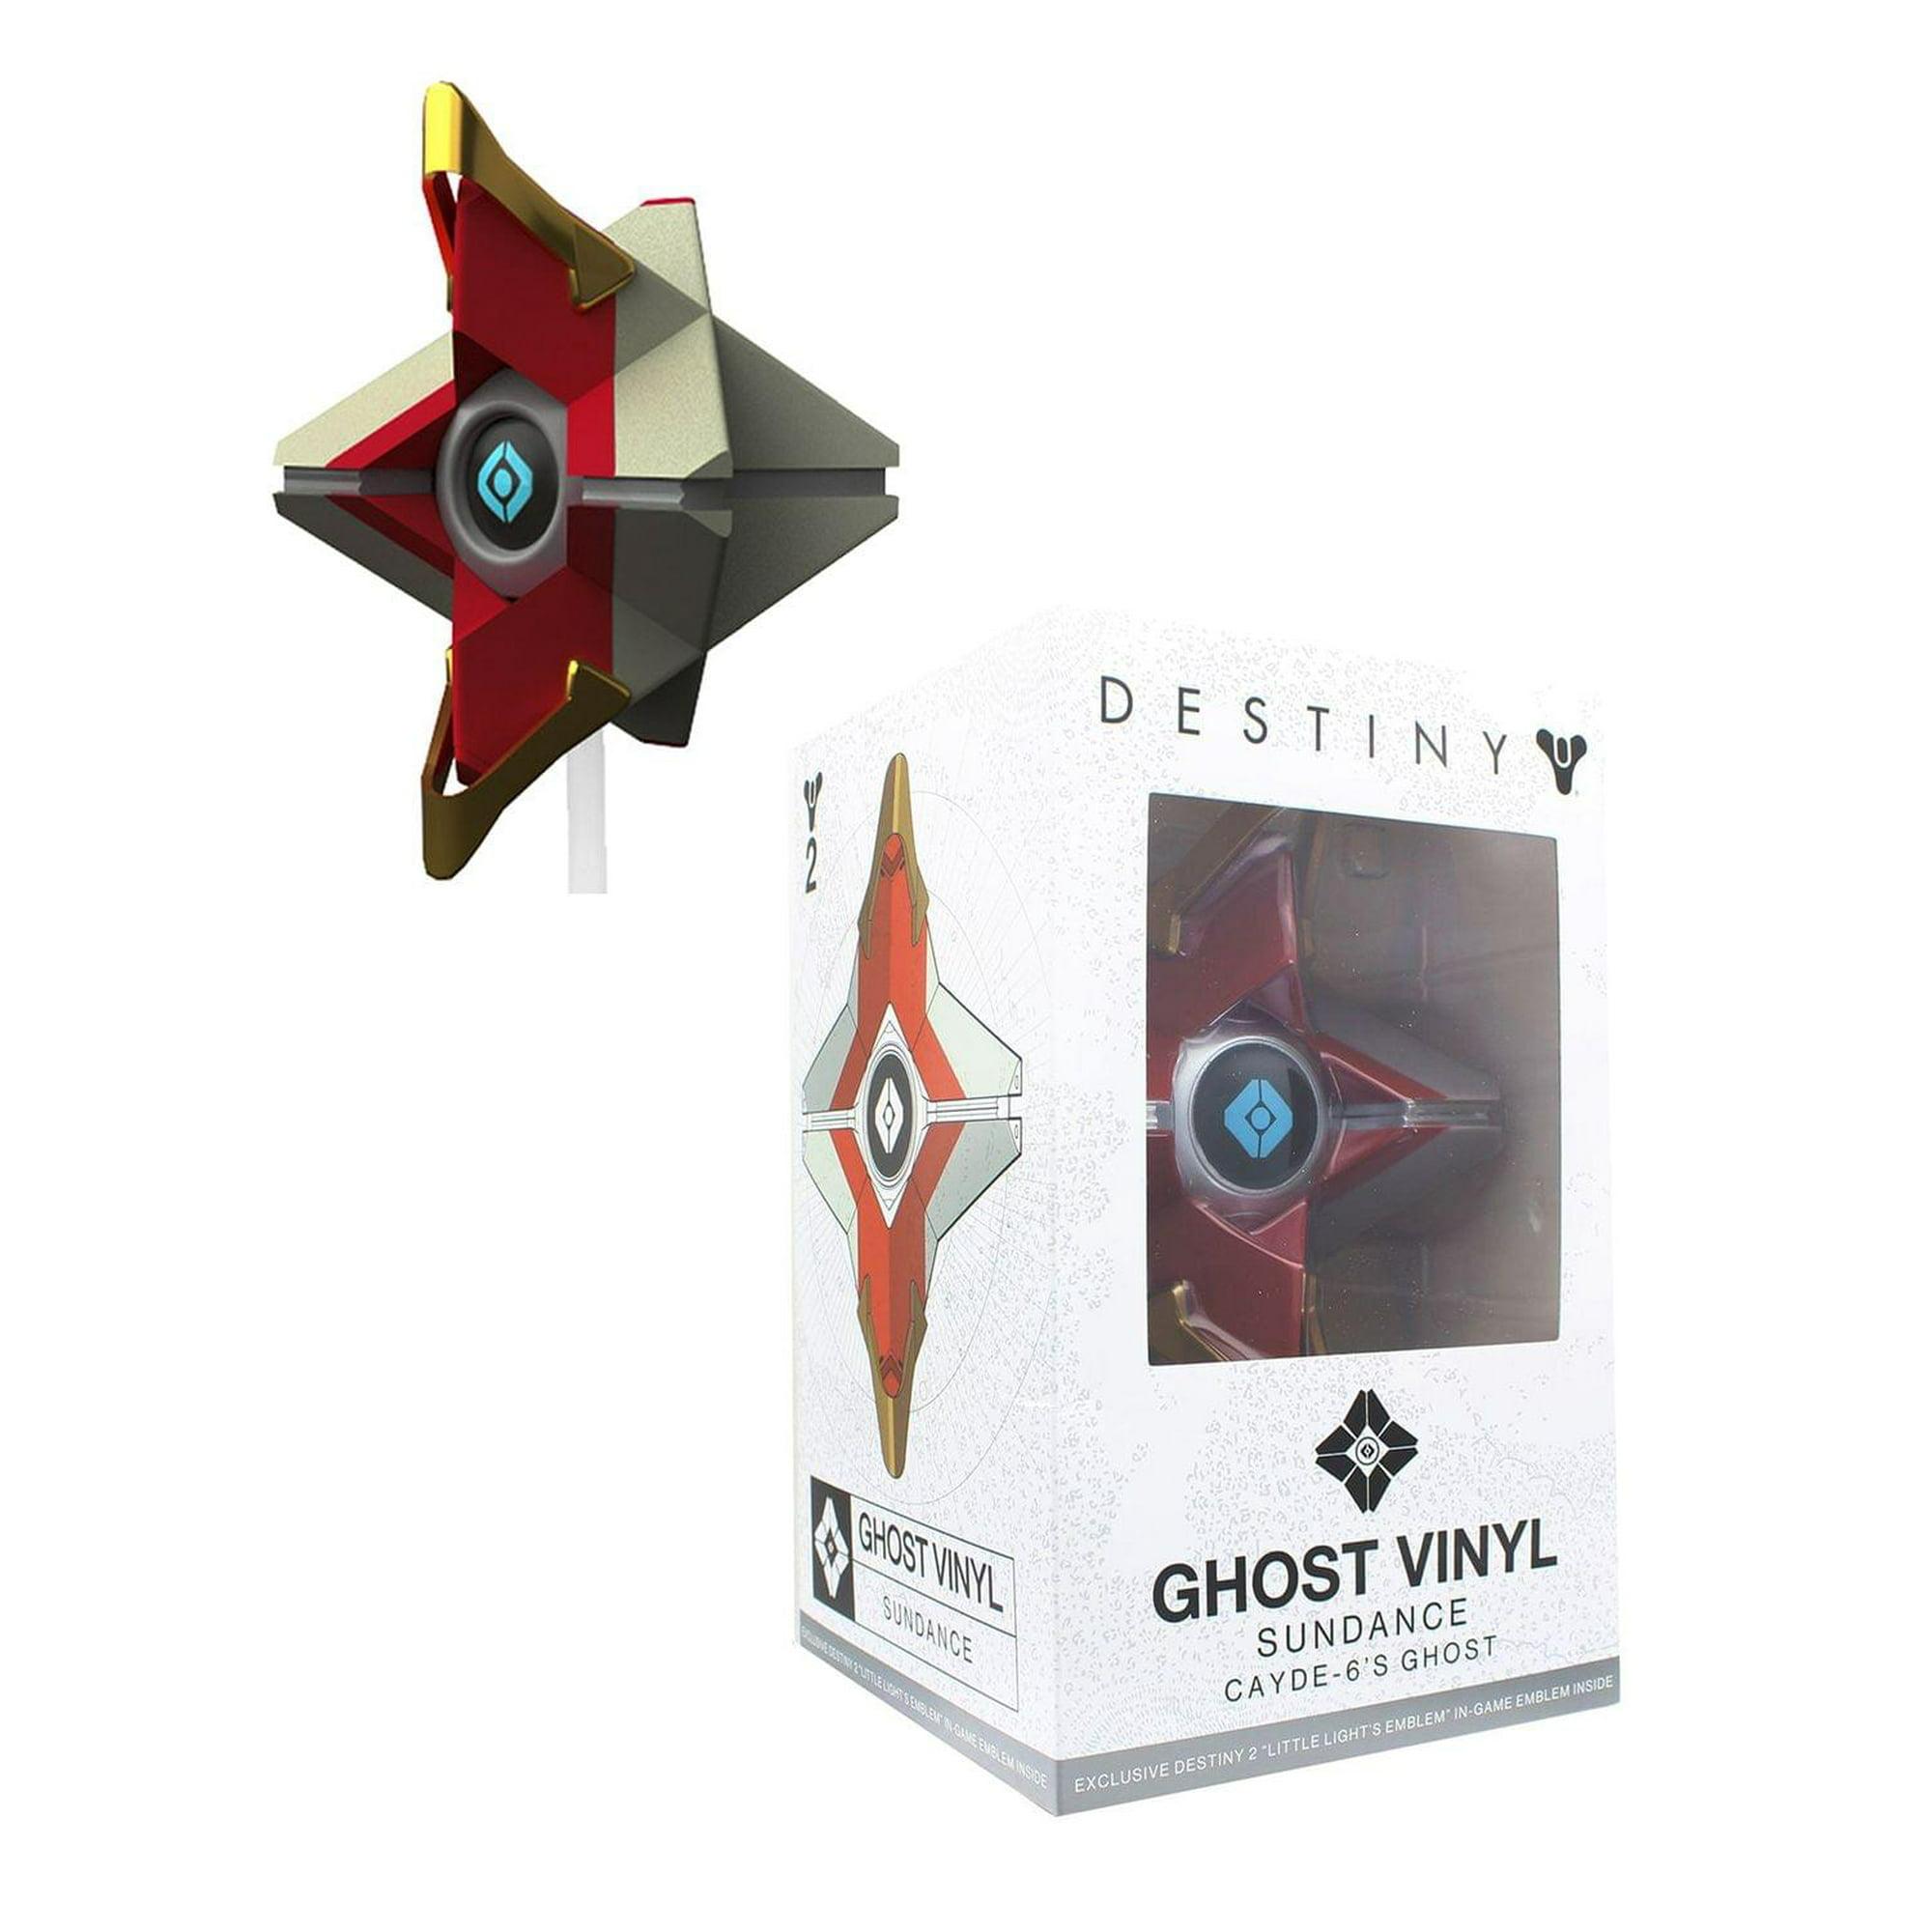 Destiny 7 5 Inch Ghost Vinyl Figure - Cayde-6